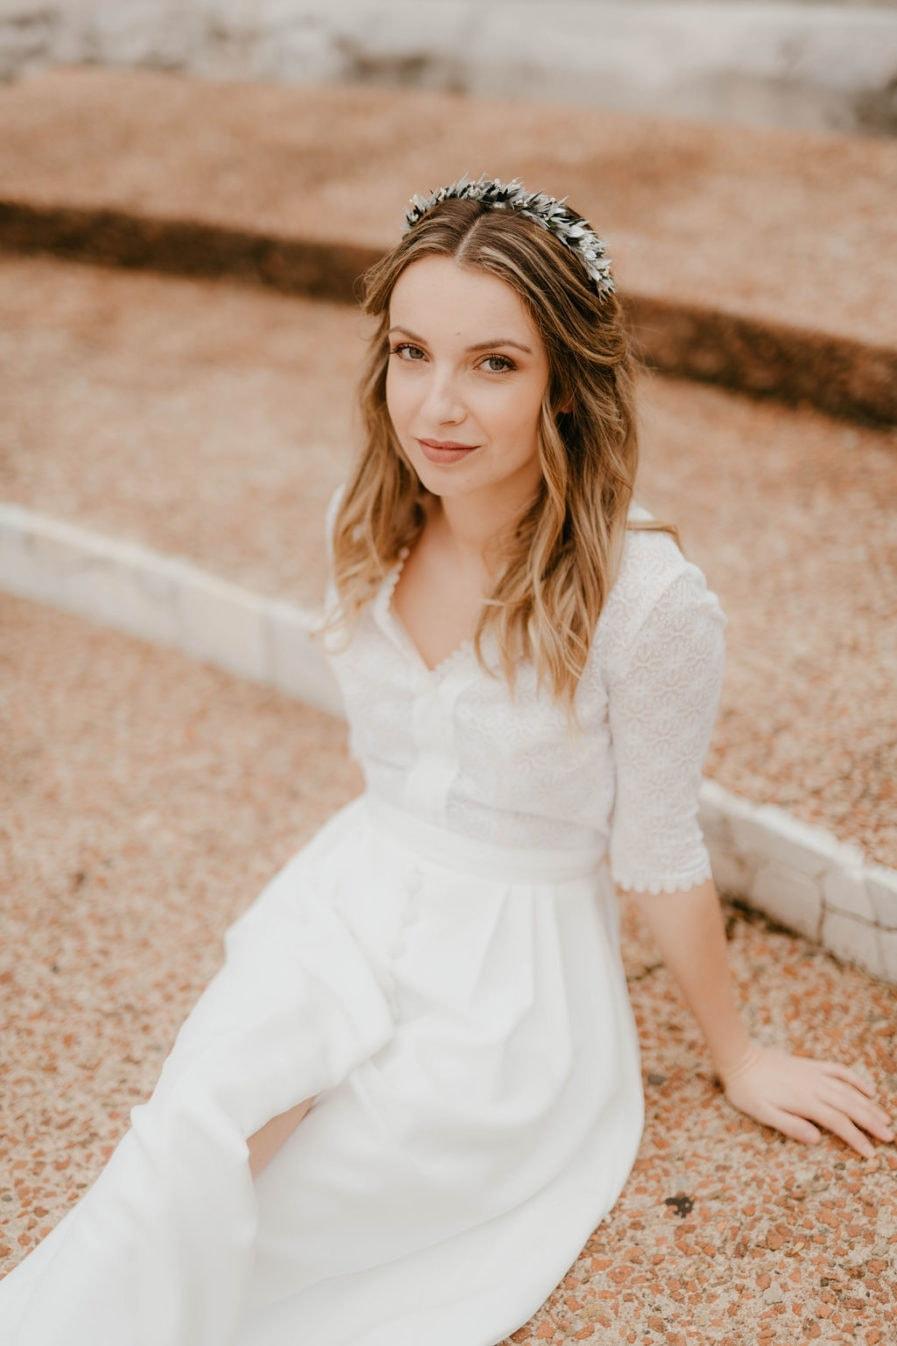 Headband de fleurs Turquin - Les Fleurs Dupont - Anaïs Nannini - Accessoire de mariage